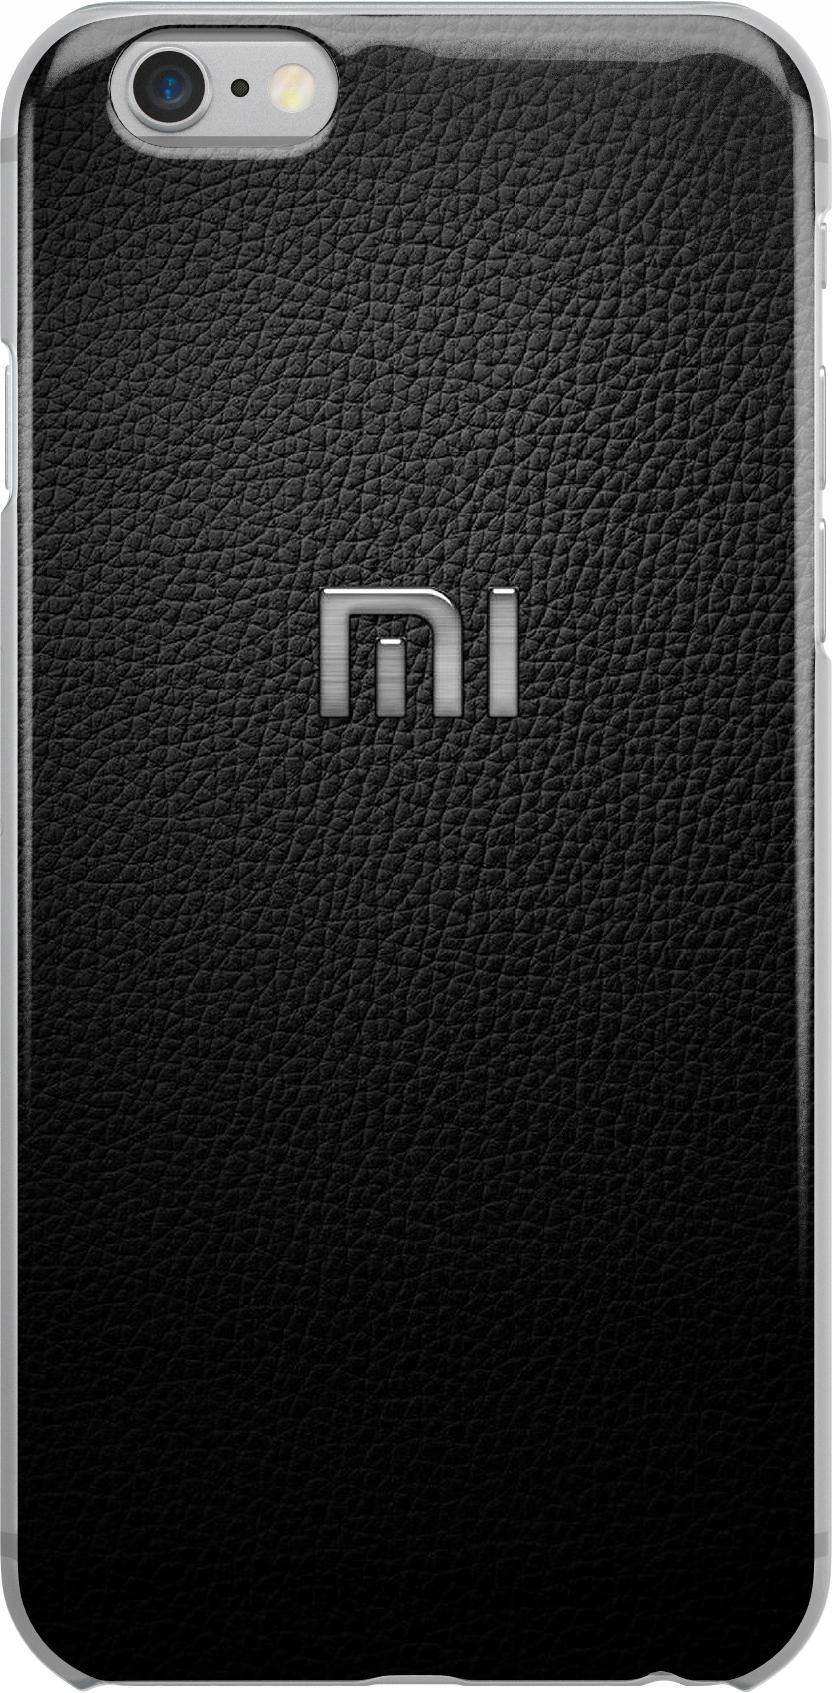 Etui Wzory Xiaomi Huawei Y541